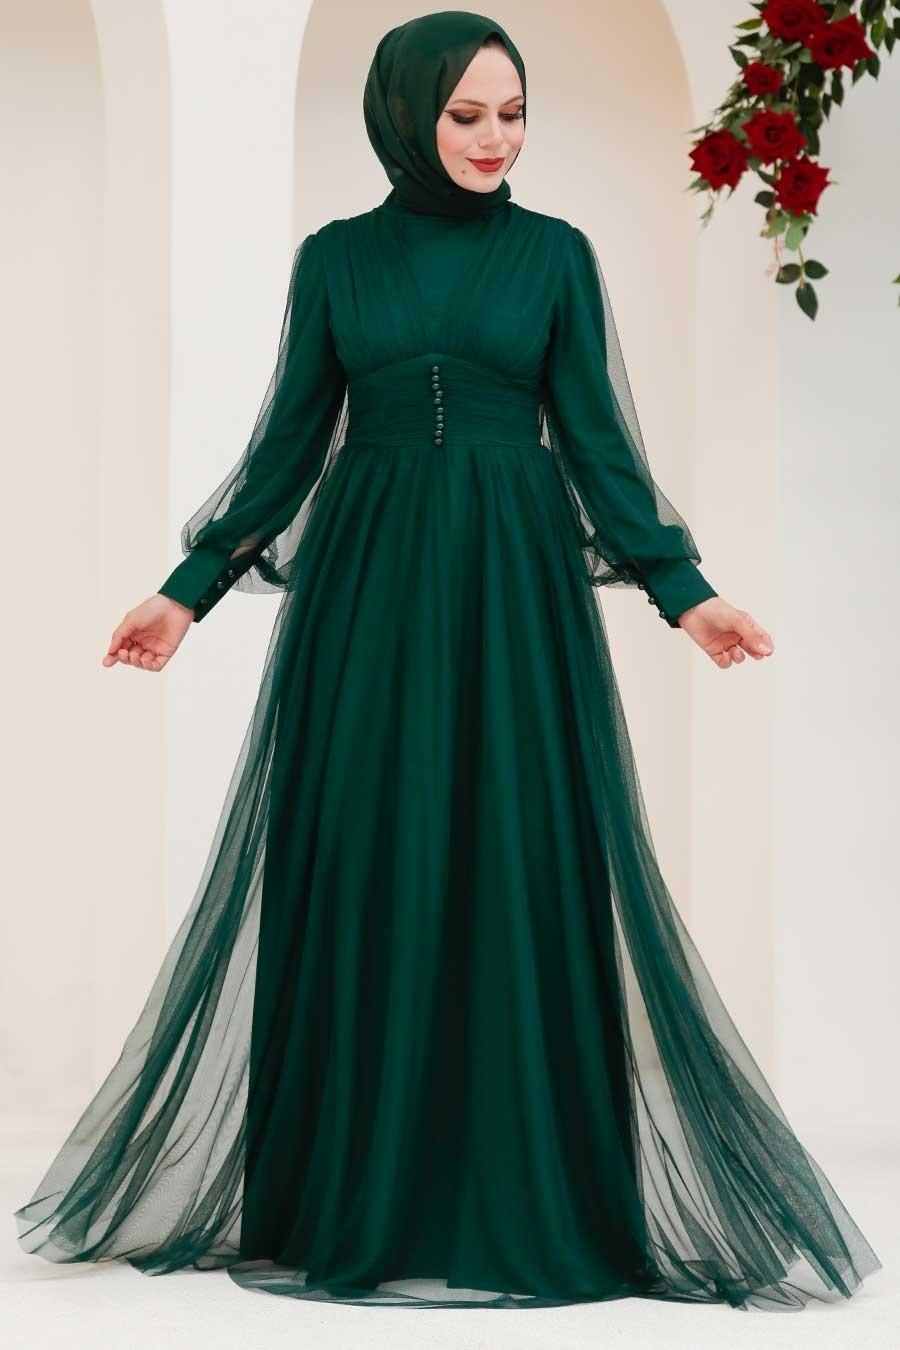 Tesettürlü Abiye Elbise - Düğme Detaylı Yeşil Tesettür Abiye Elbise 5478Y